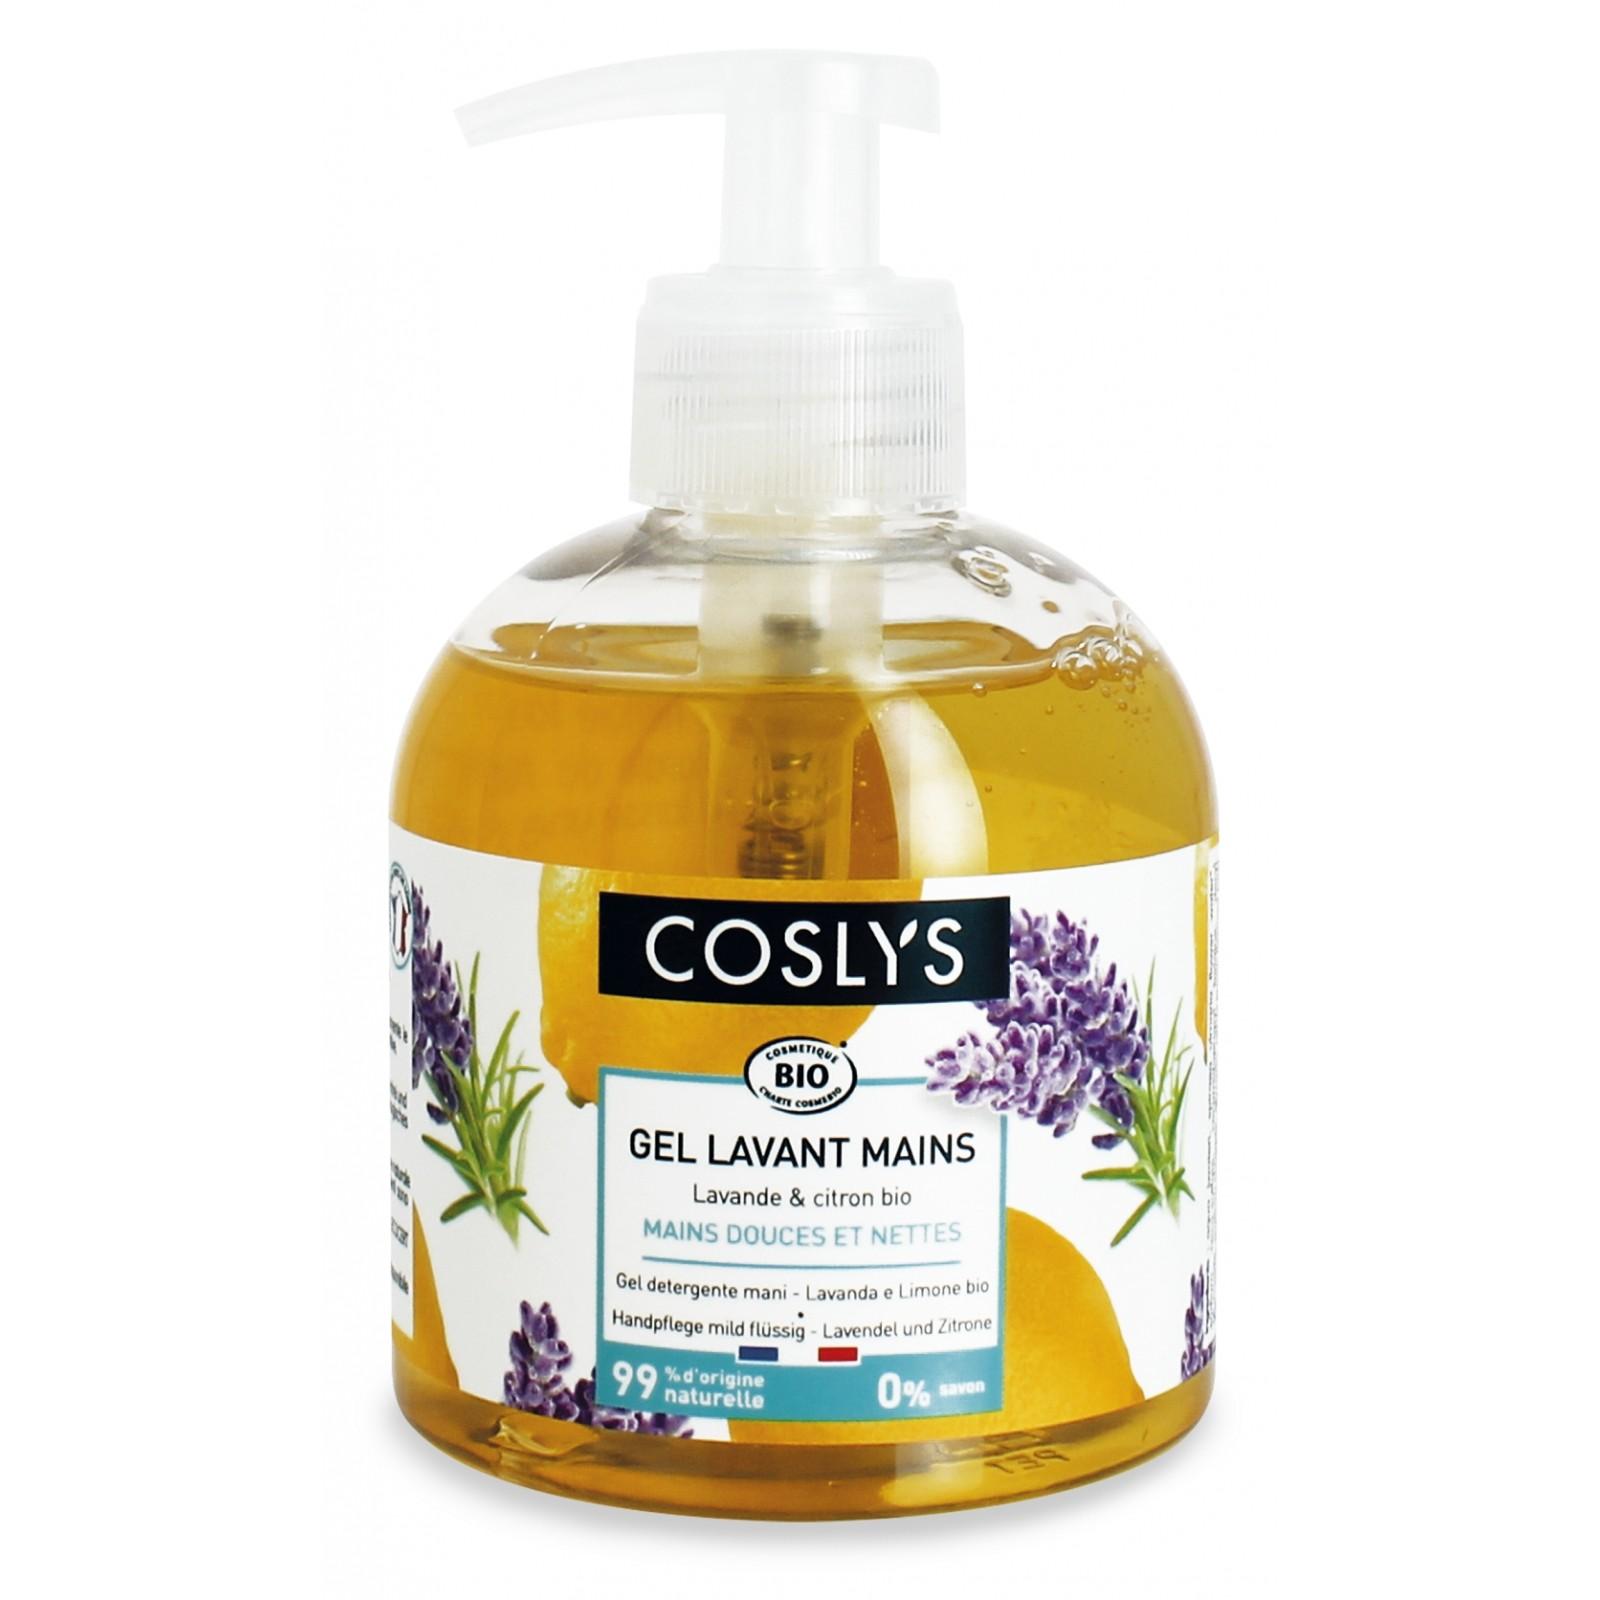 COSLYS Gel lavant mains lavande, citron BIO - 300 ml